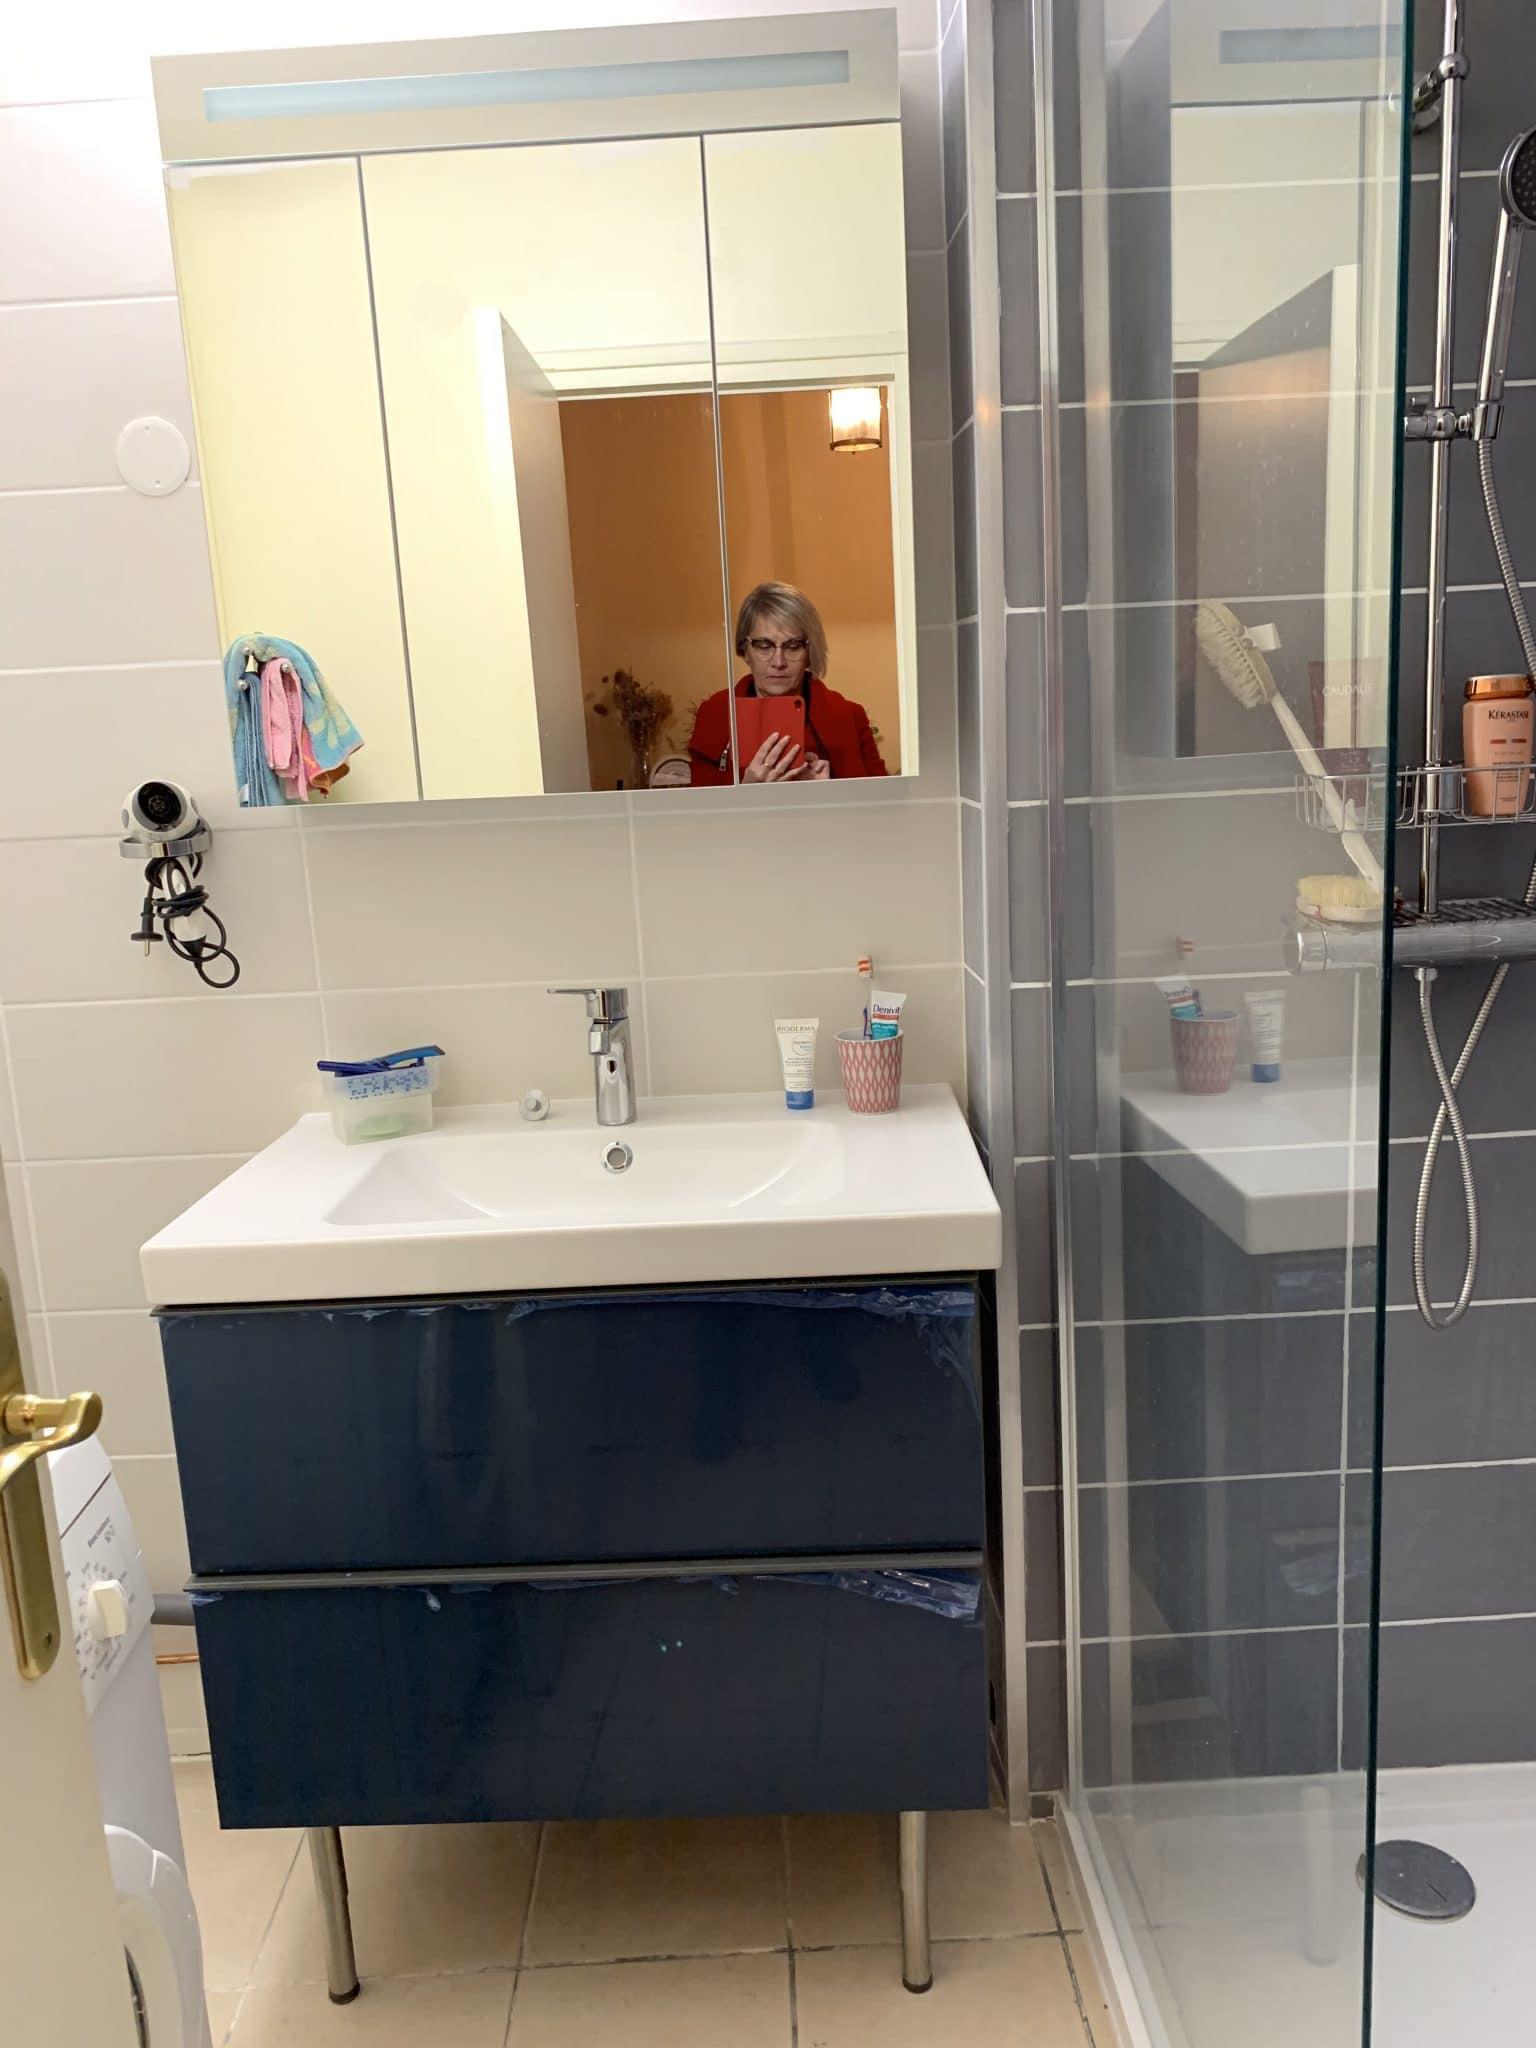 Des travaux de rénovation dans une salle d'eau à Saint-Etienne (42)